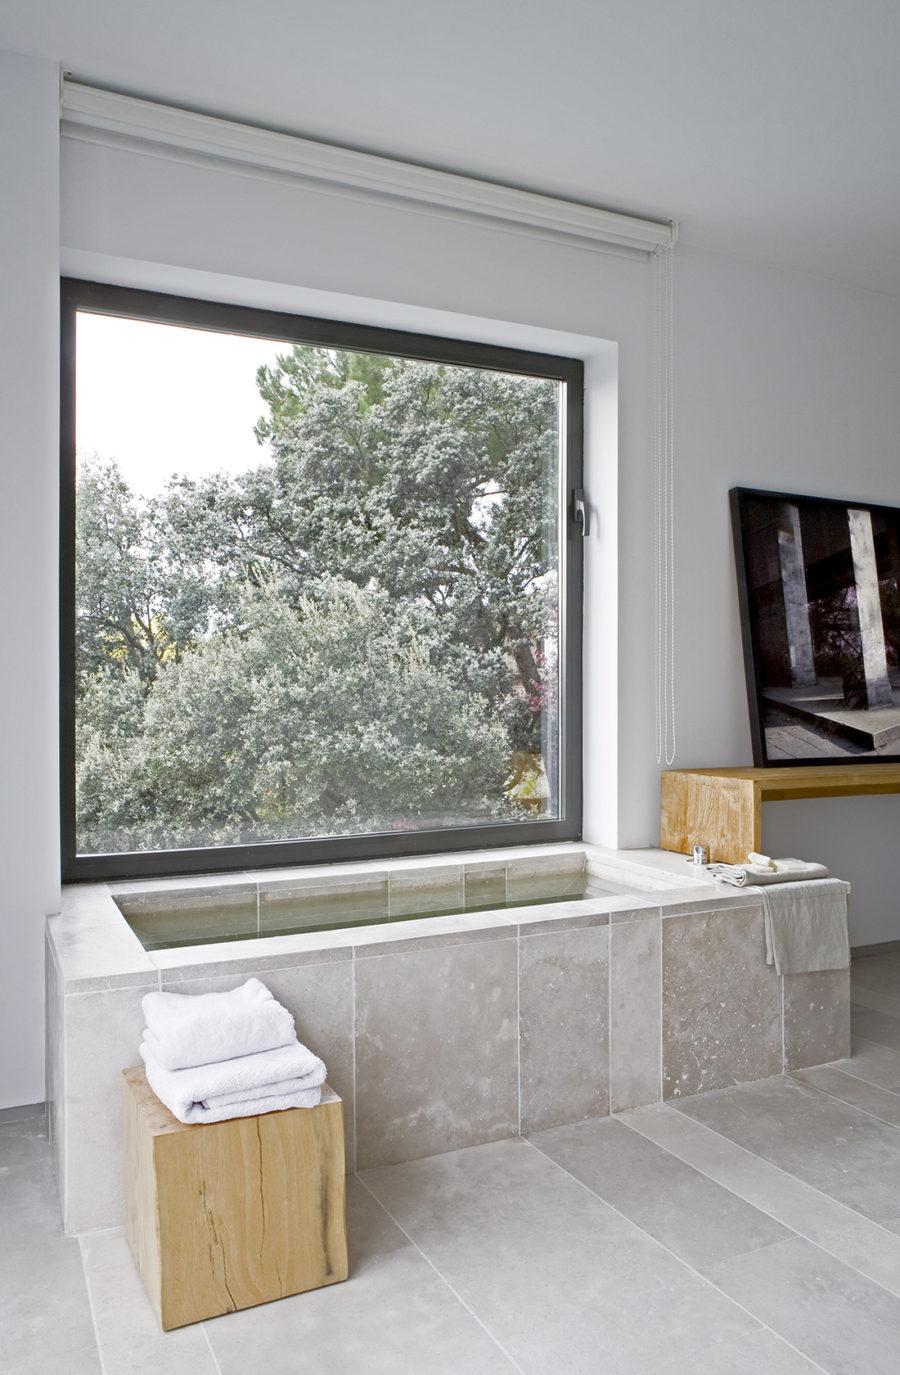 Visa general de la bañera con luz natural en el dormitorio de ÁBATON